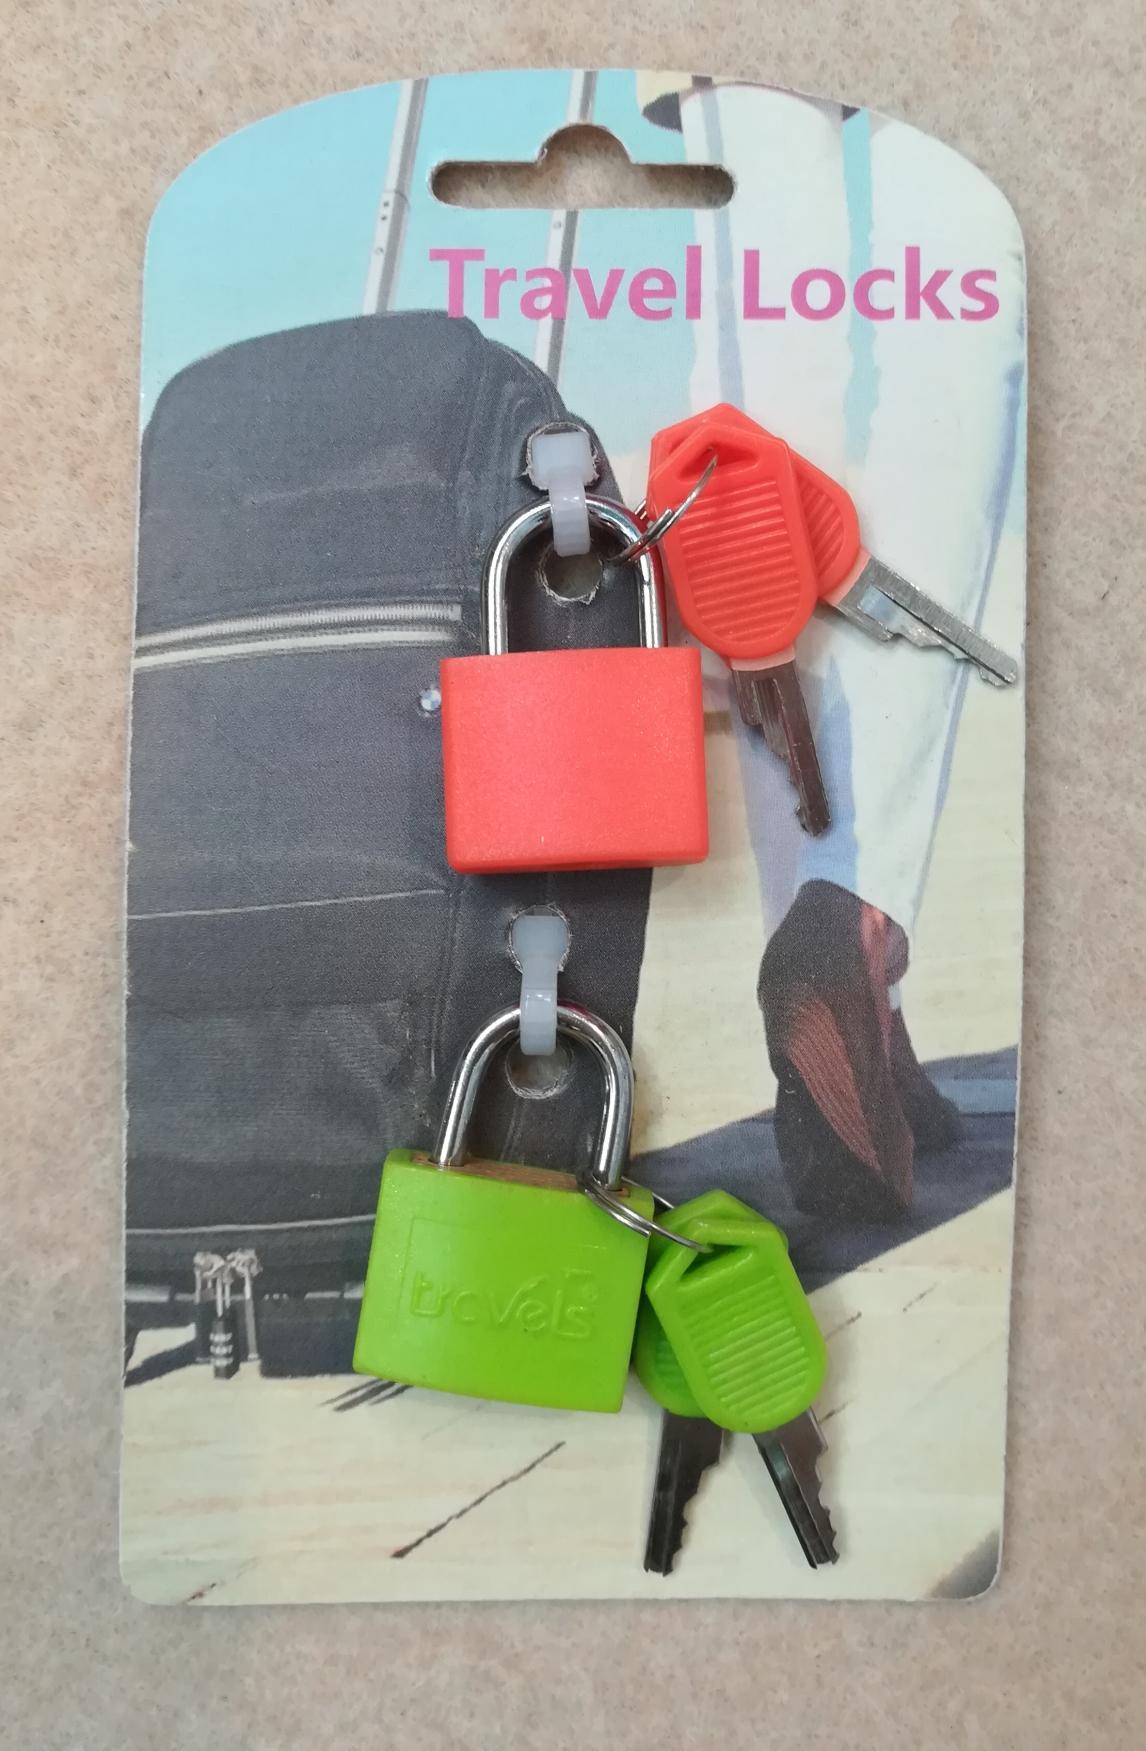 2 Piece Travel Lock Set with Key  1